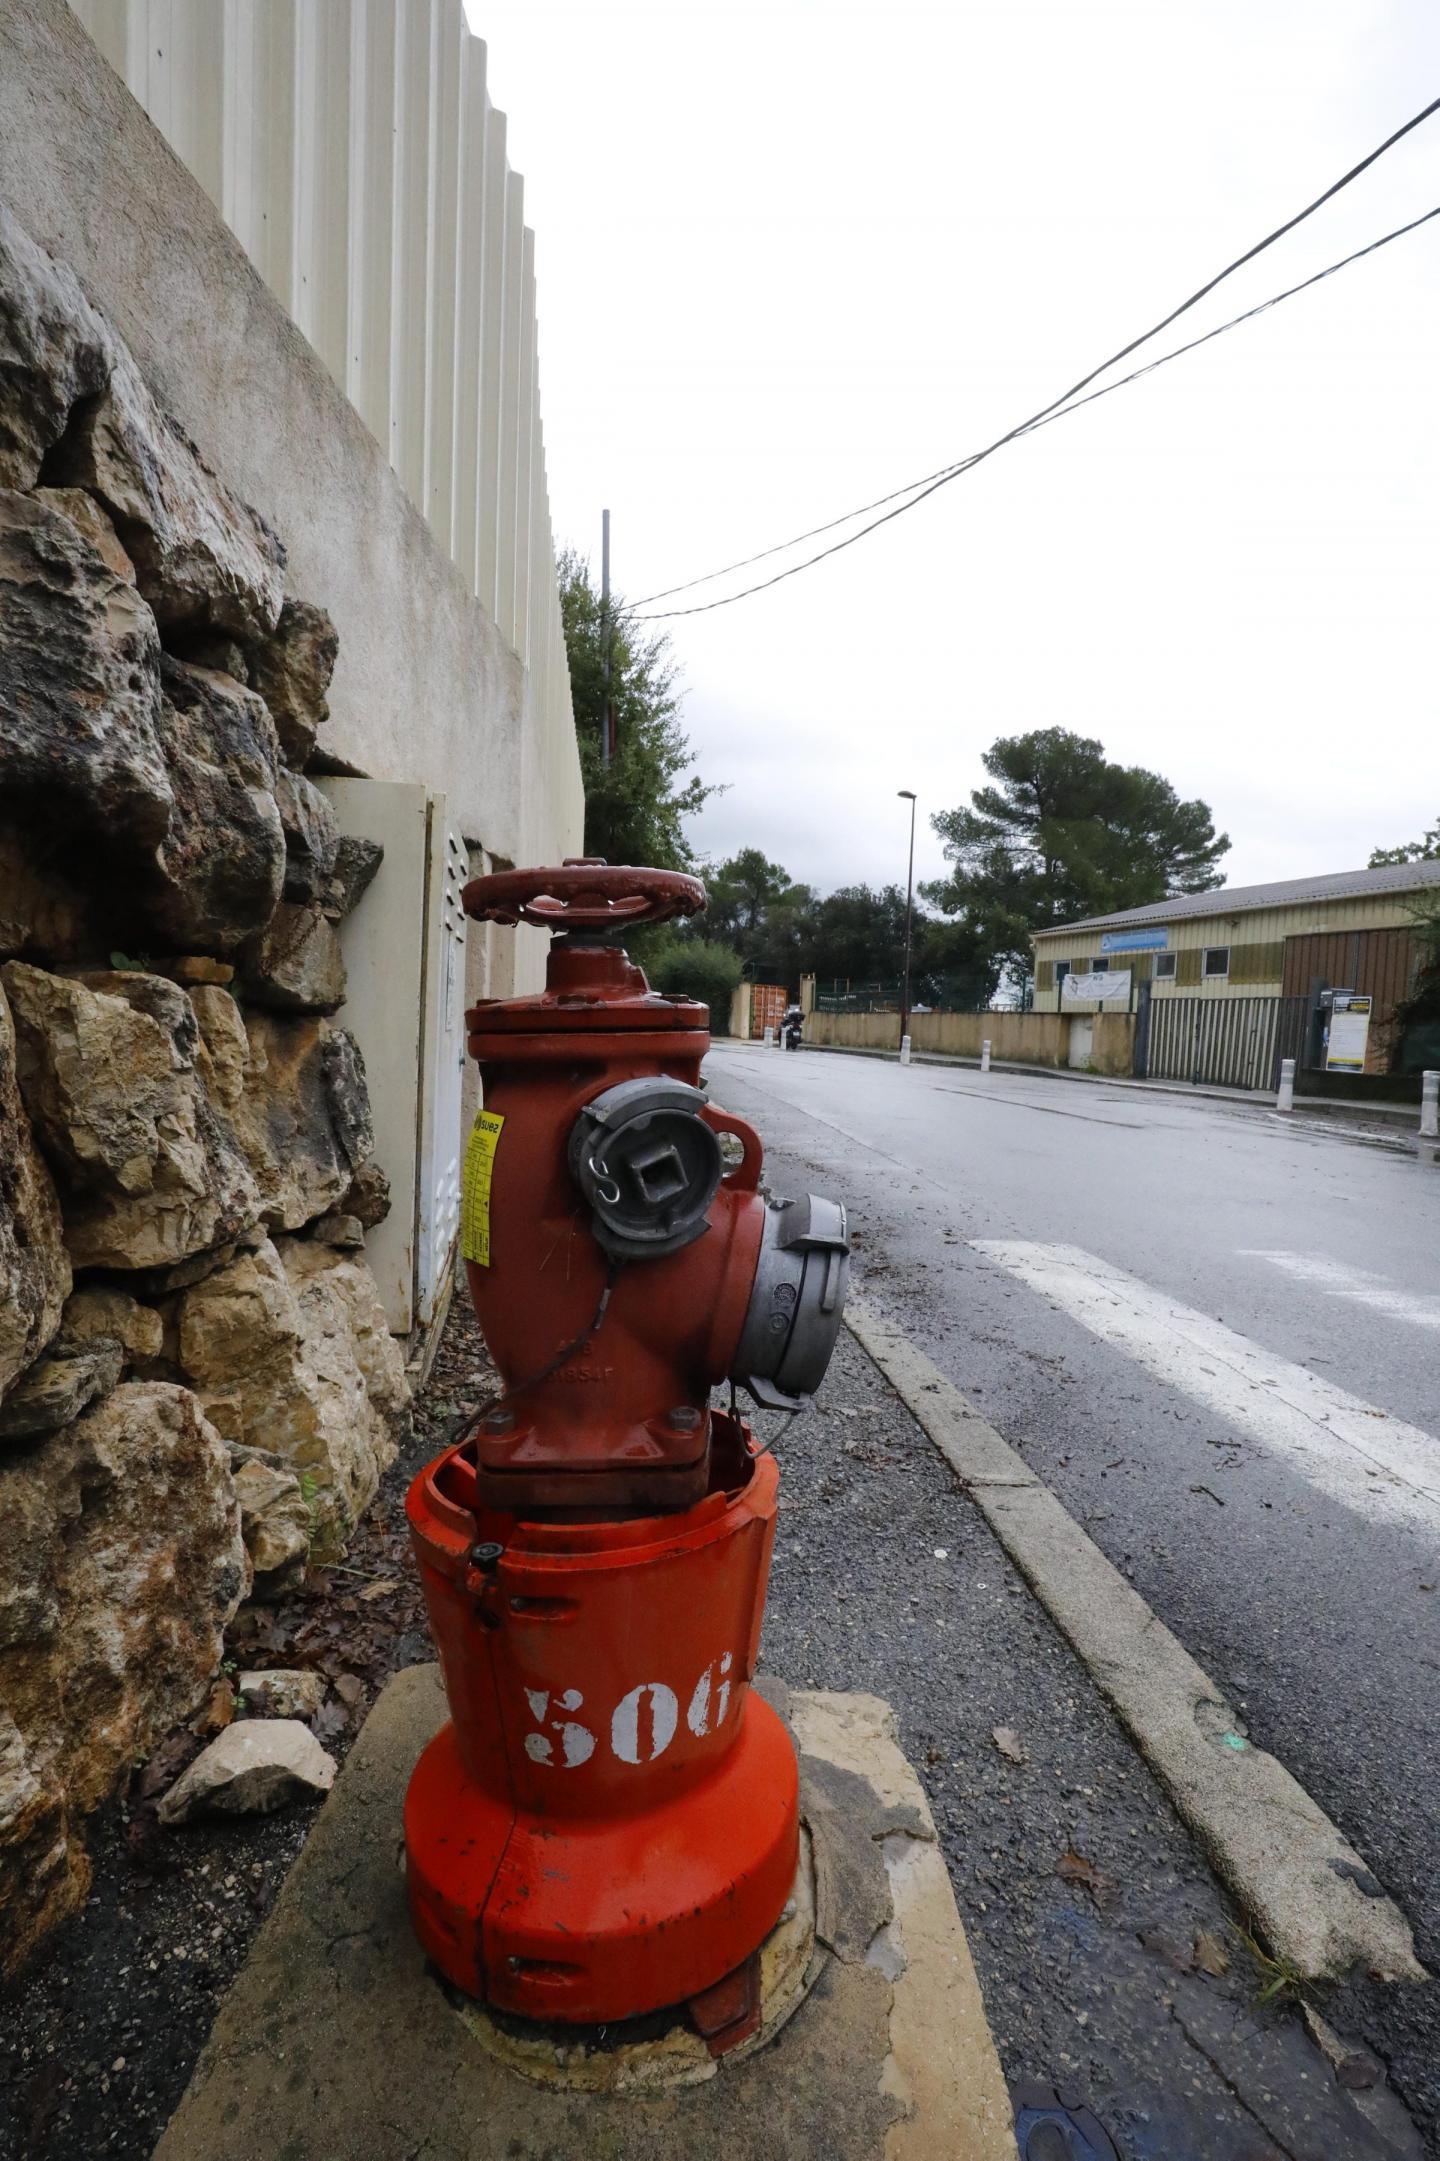 C'est dans cette borne à incendie, rue Bobet à Grasse, que le parasite a été détecté par Suez. Mais la seconde analyse a été négative.